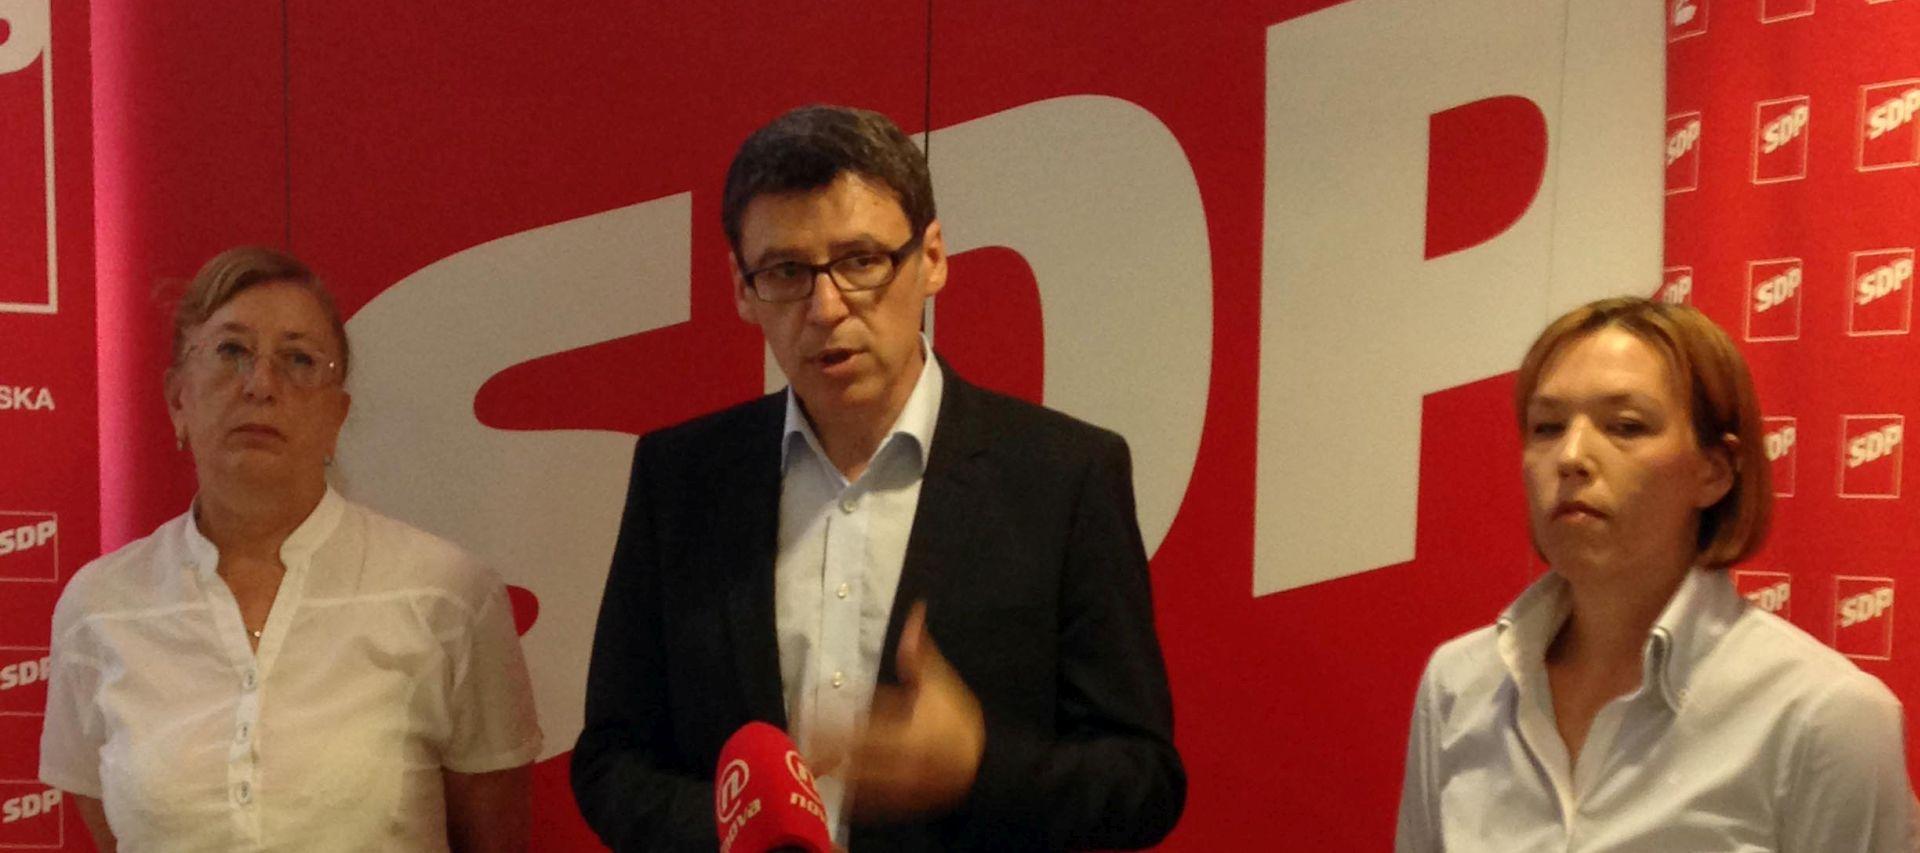 Jovanović: SDP s optimizmom čeka izbore